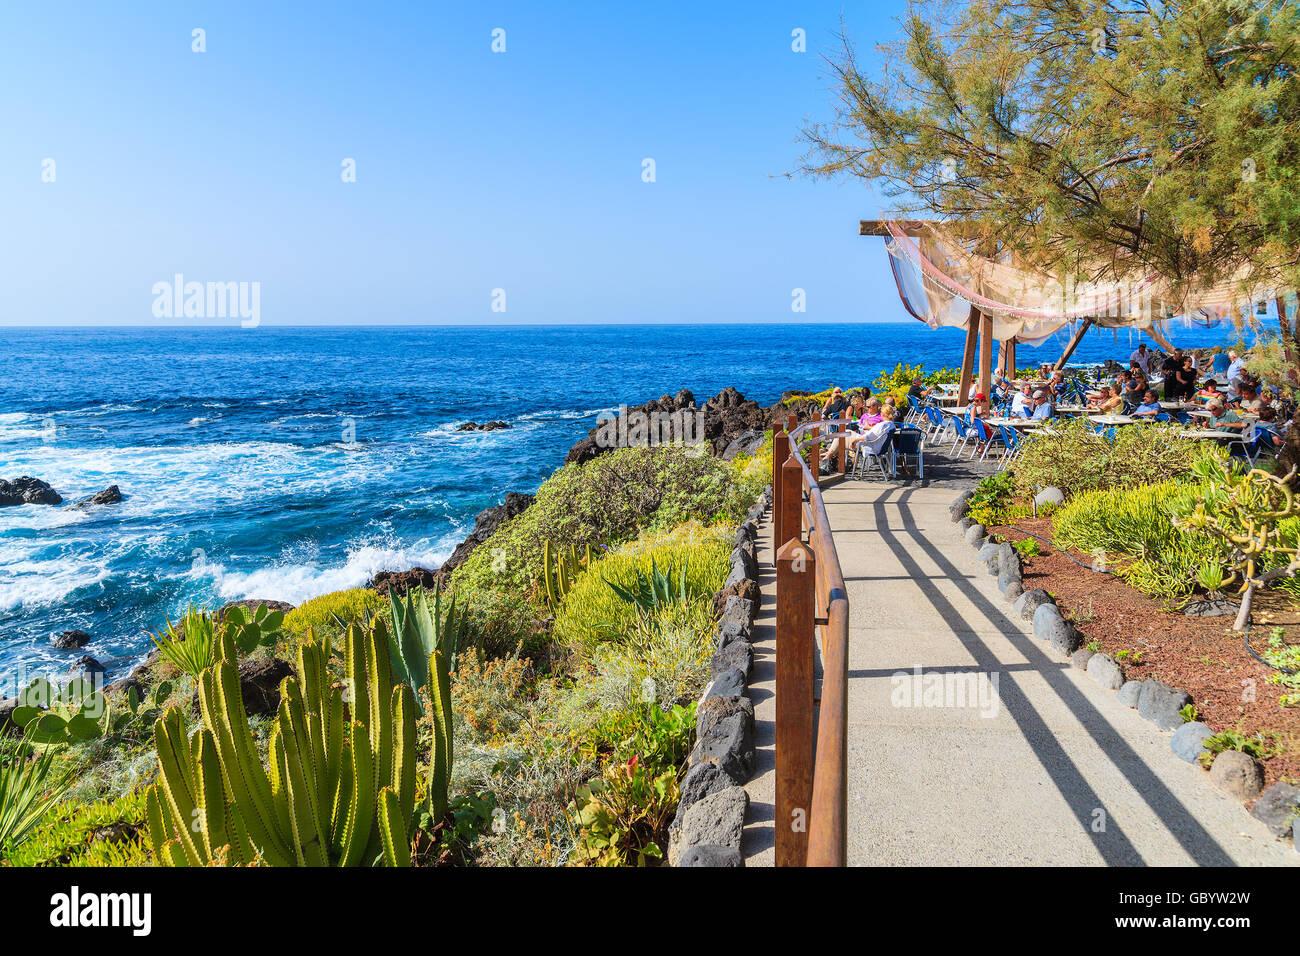 Buenavista Del Norte Tenerife Nov 15 2015 Walkway Along